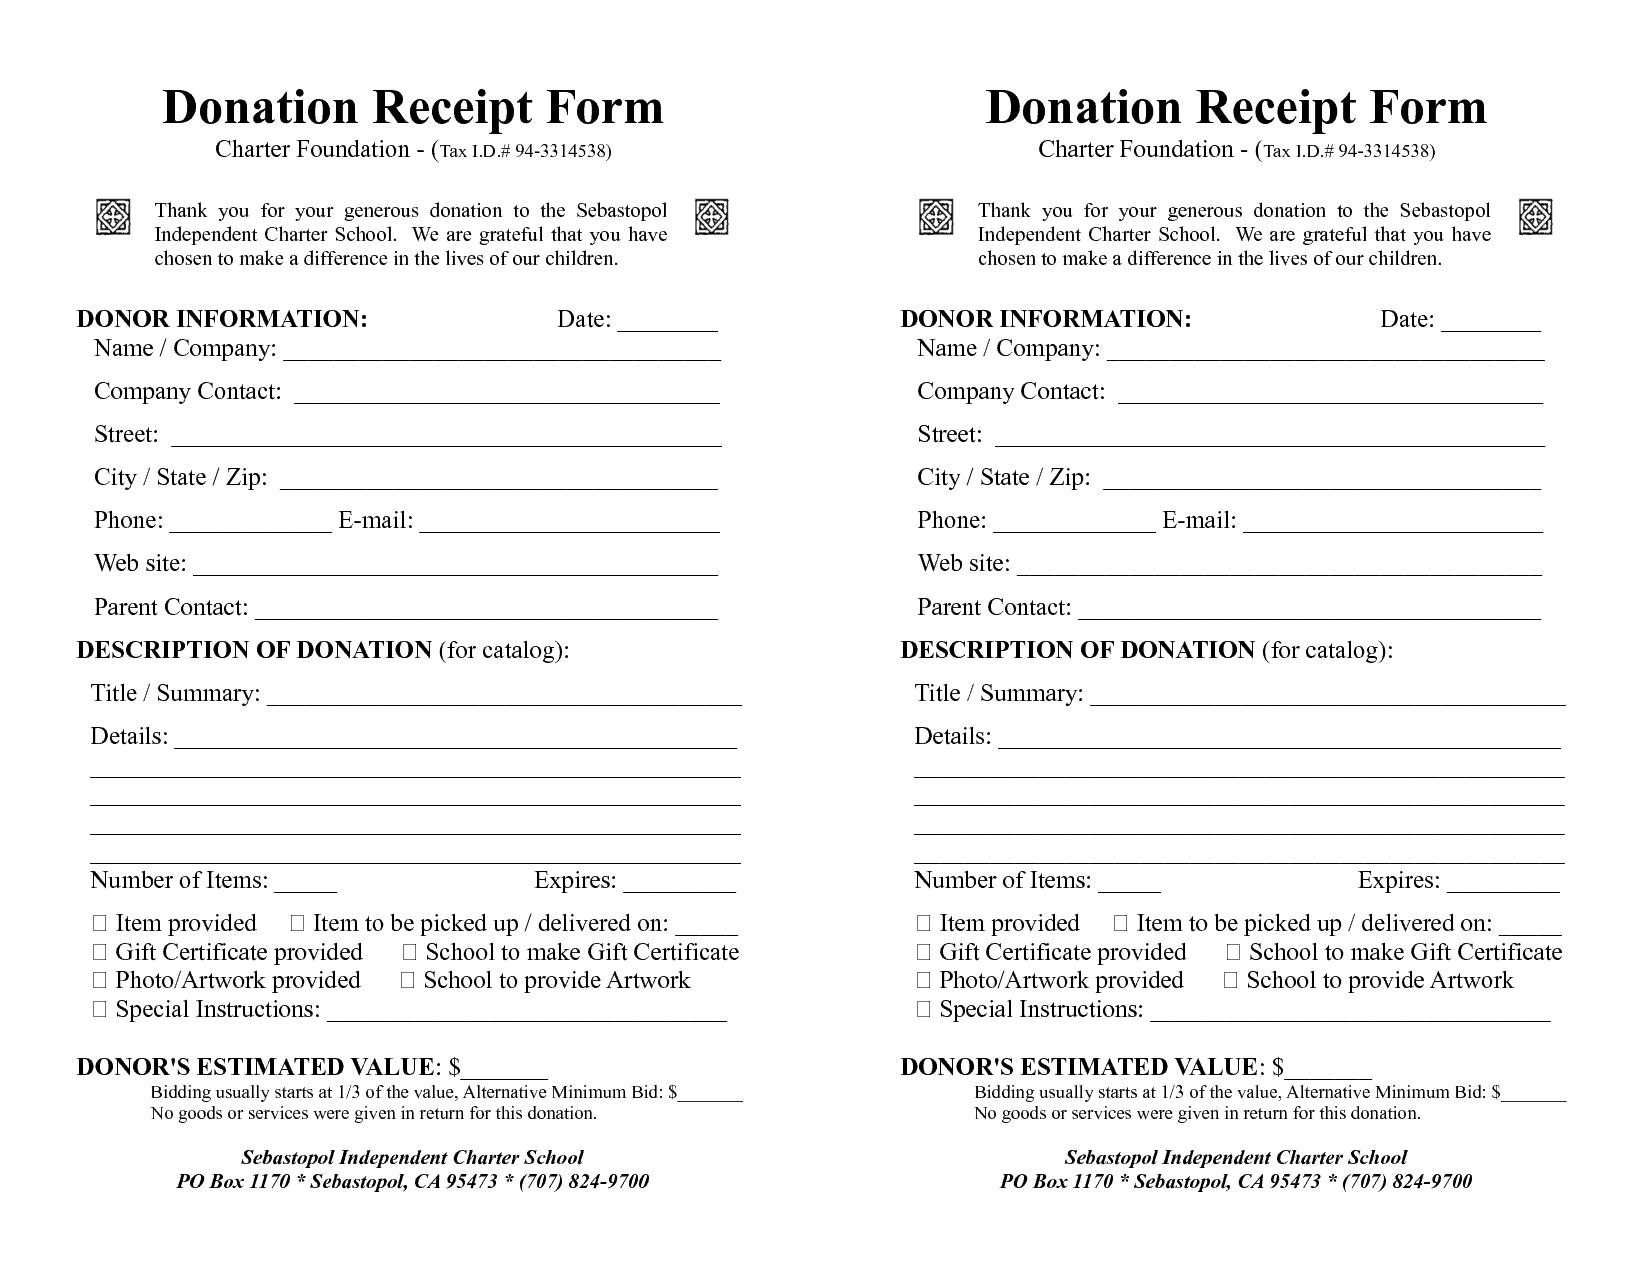 4 Donation Receipt Templates - Excel xlts